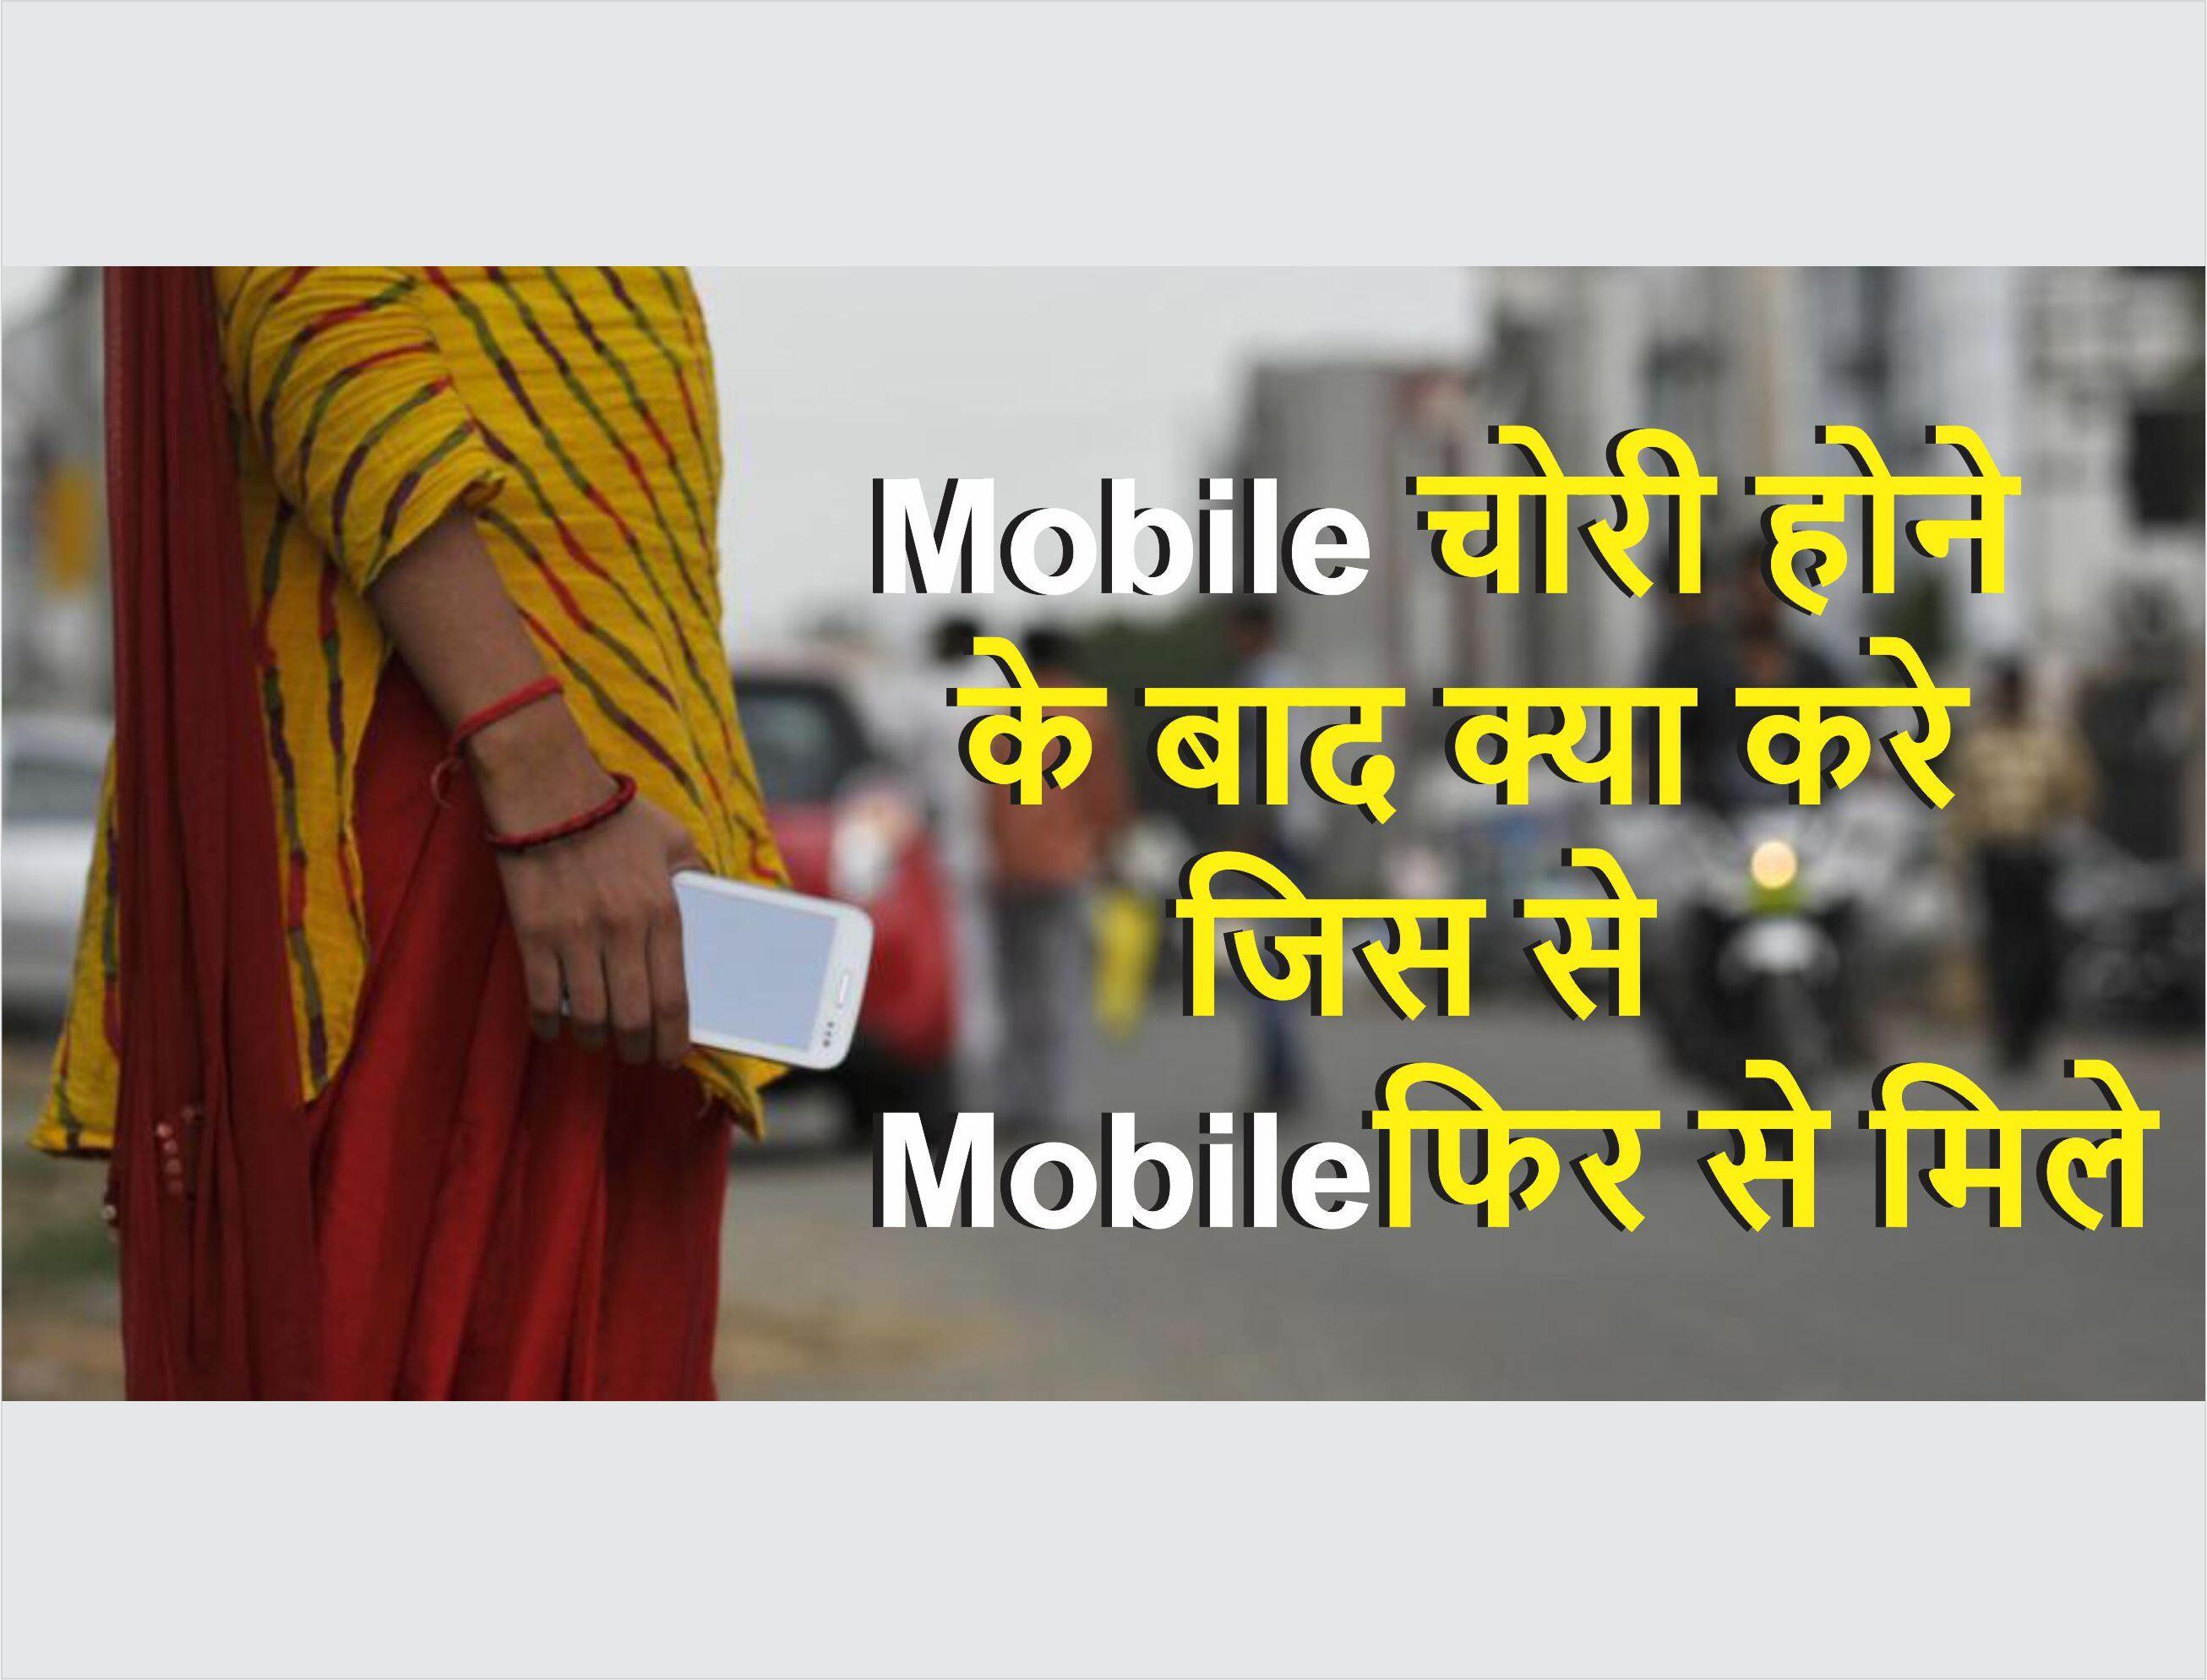 पता करे Mobile चोरी होने के बाद क्या करे जिस से Mobileफिर से मिले